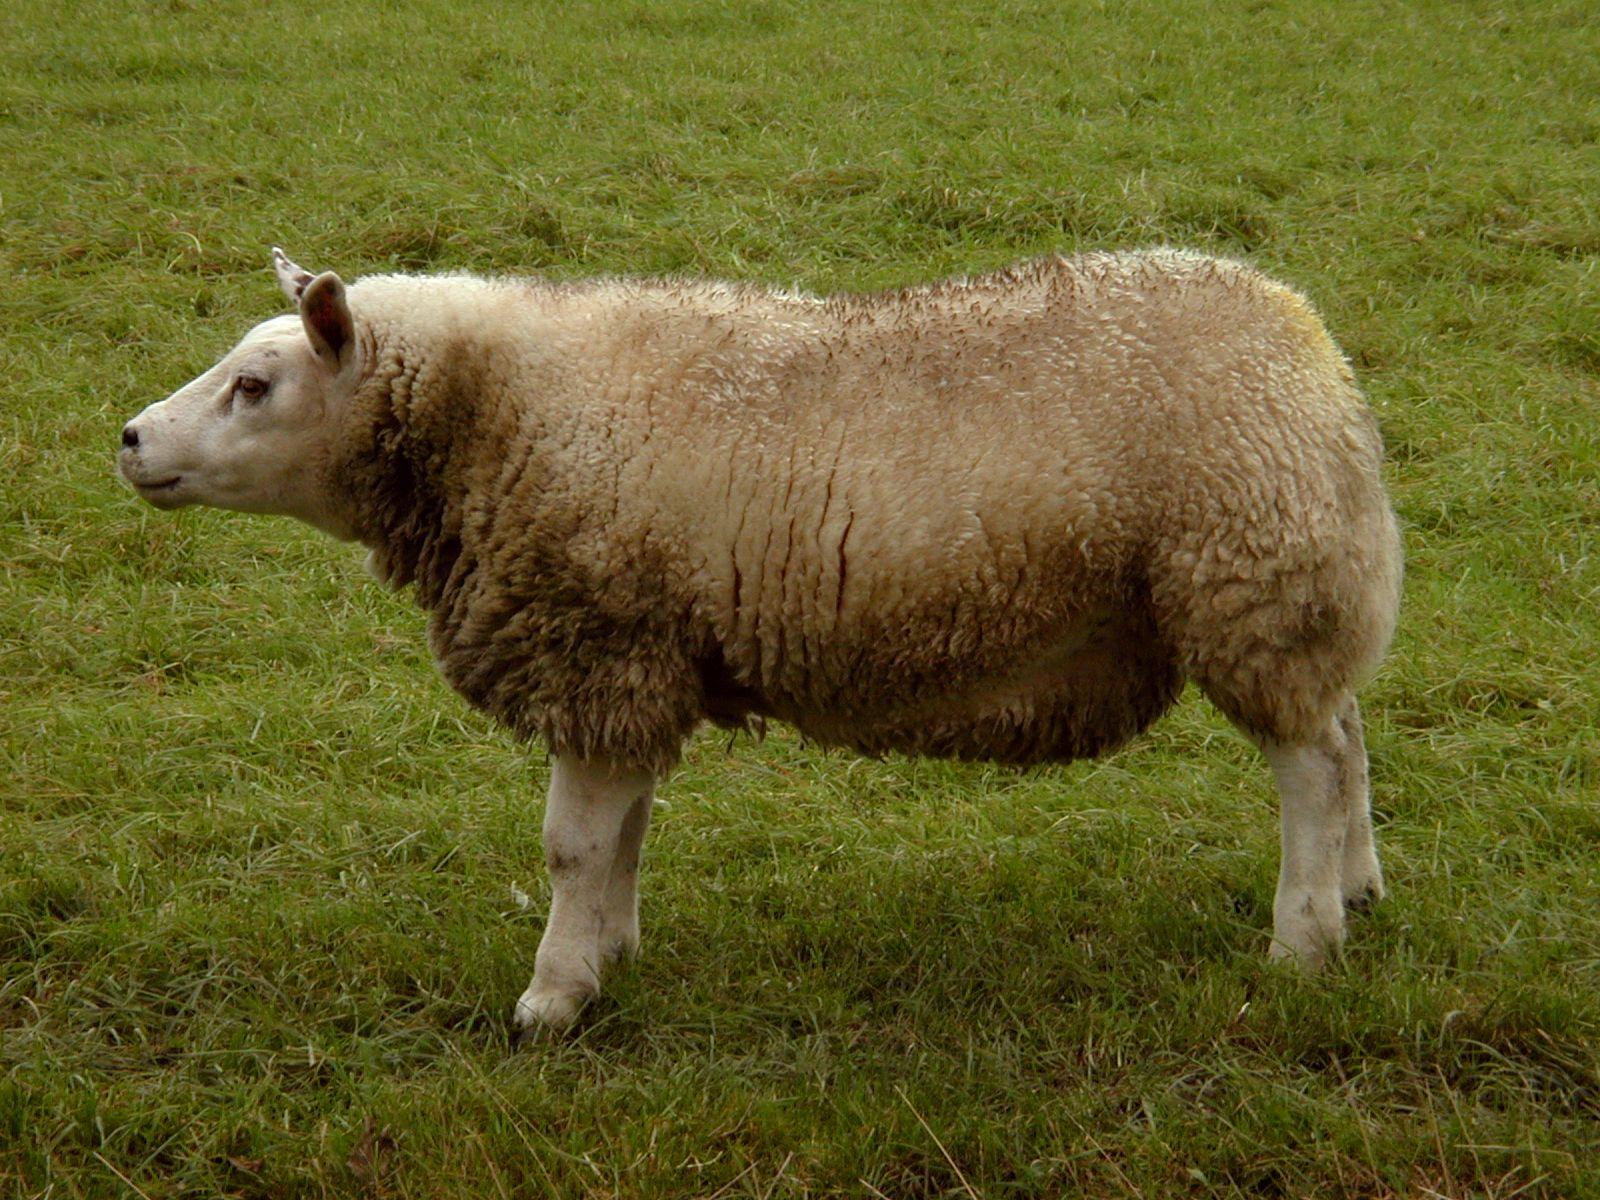 sheep standing field grass wool legs